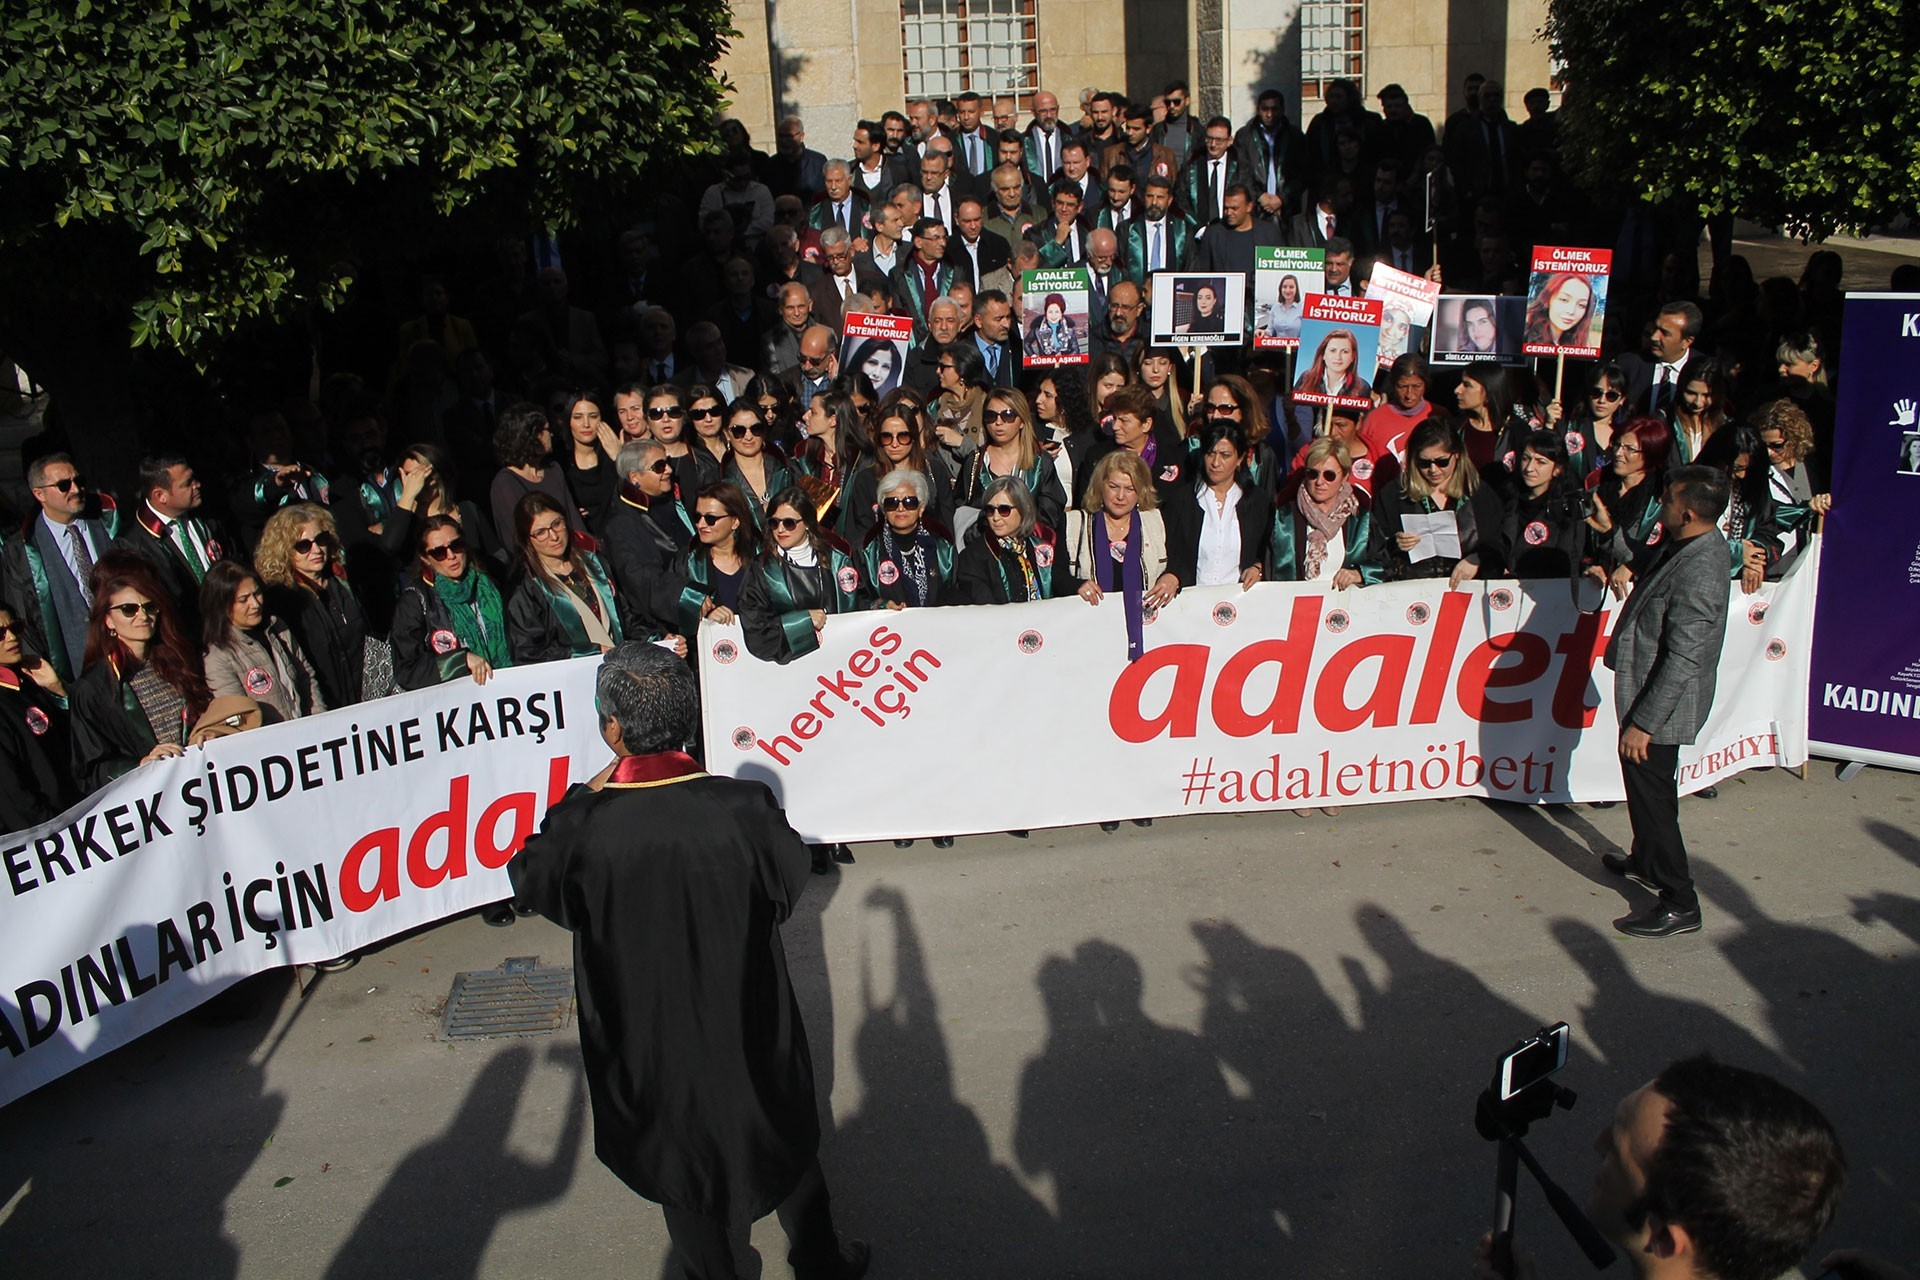 Adana'da yapılan Adalet Nöbeti